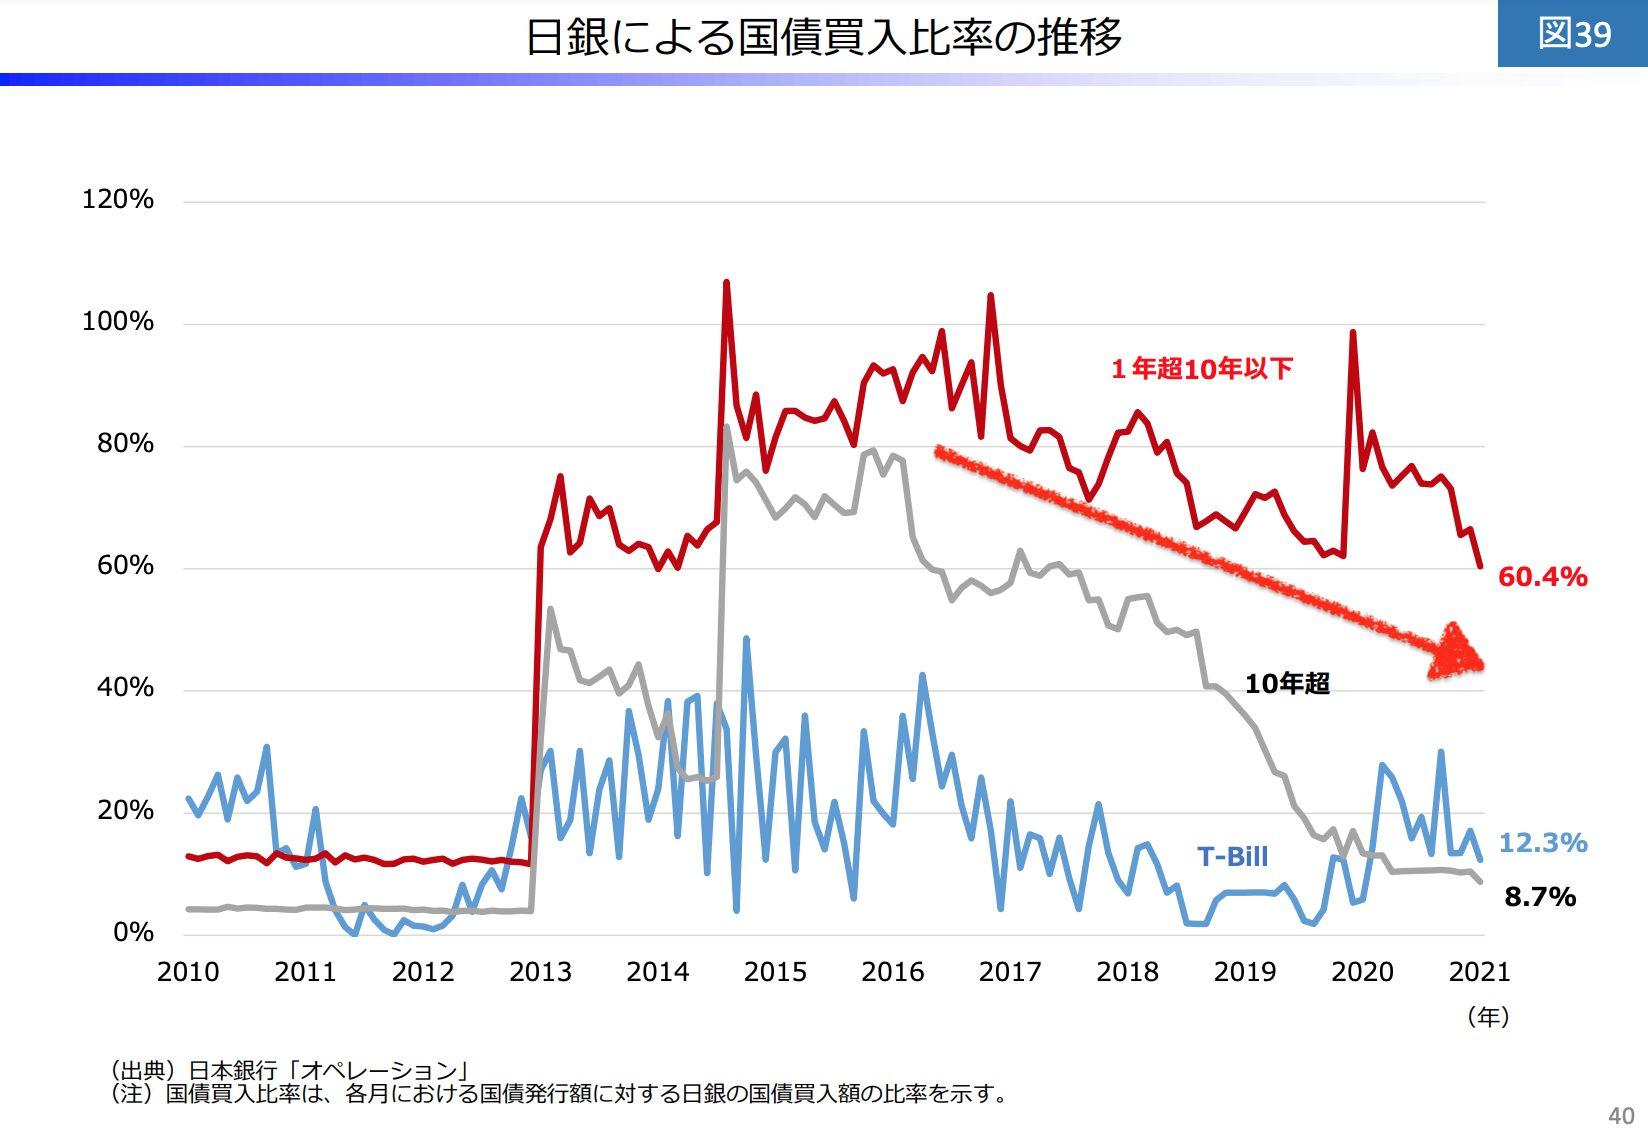 日銀の国債買入れ比率